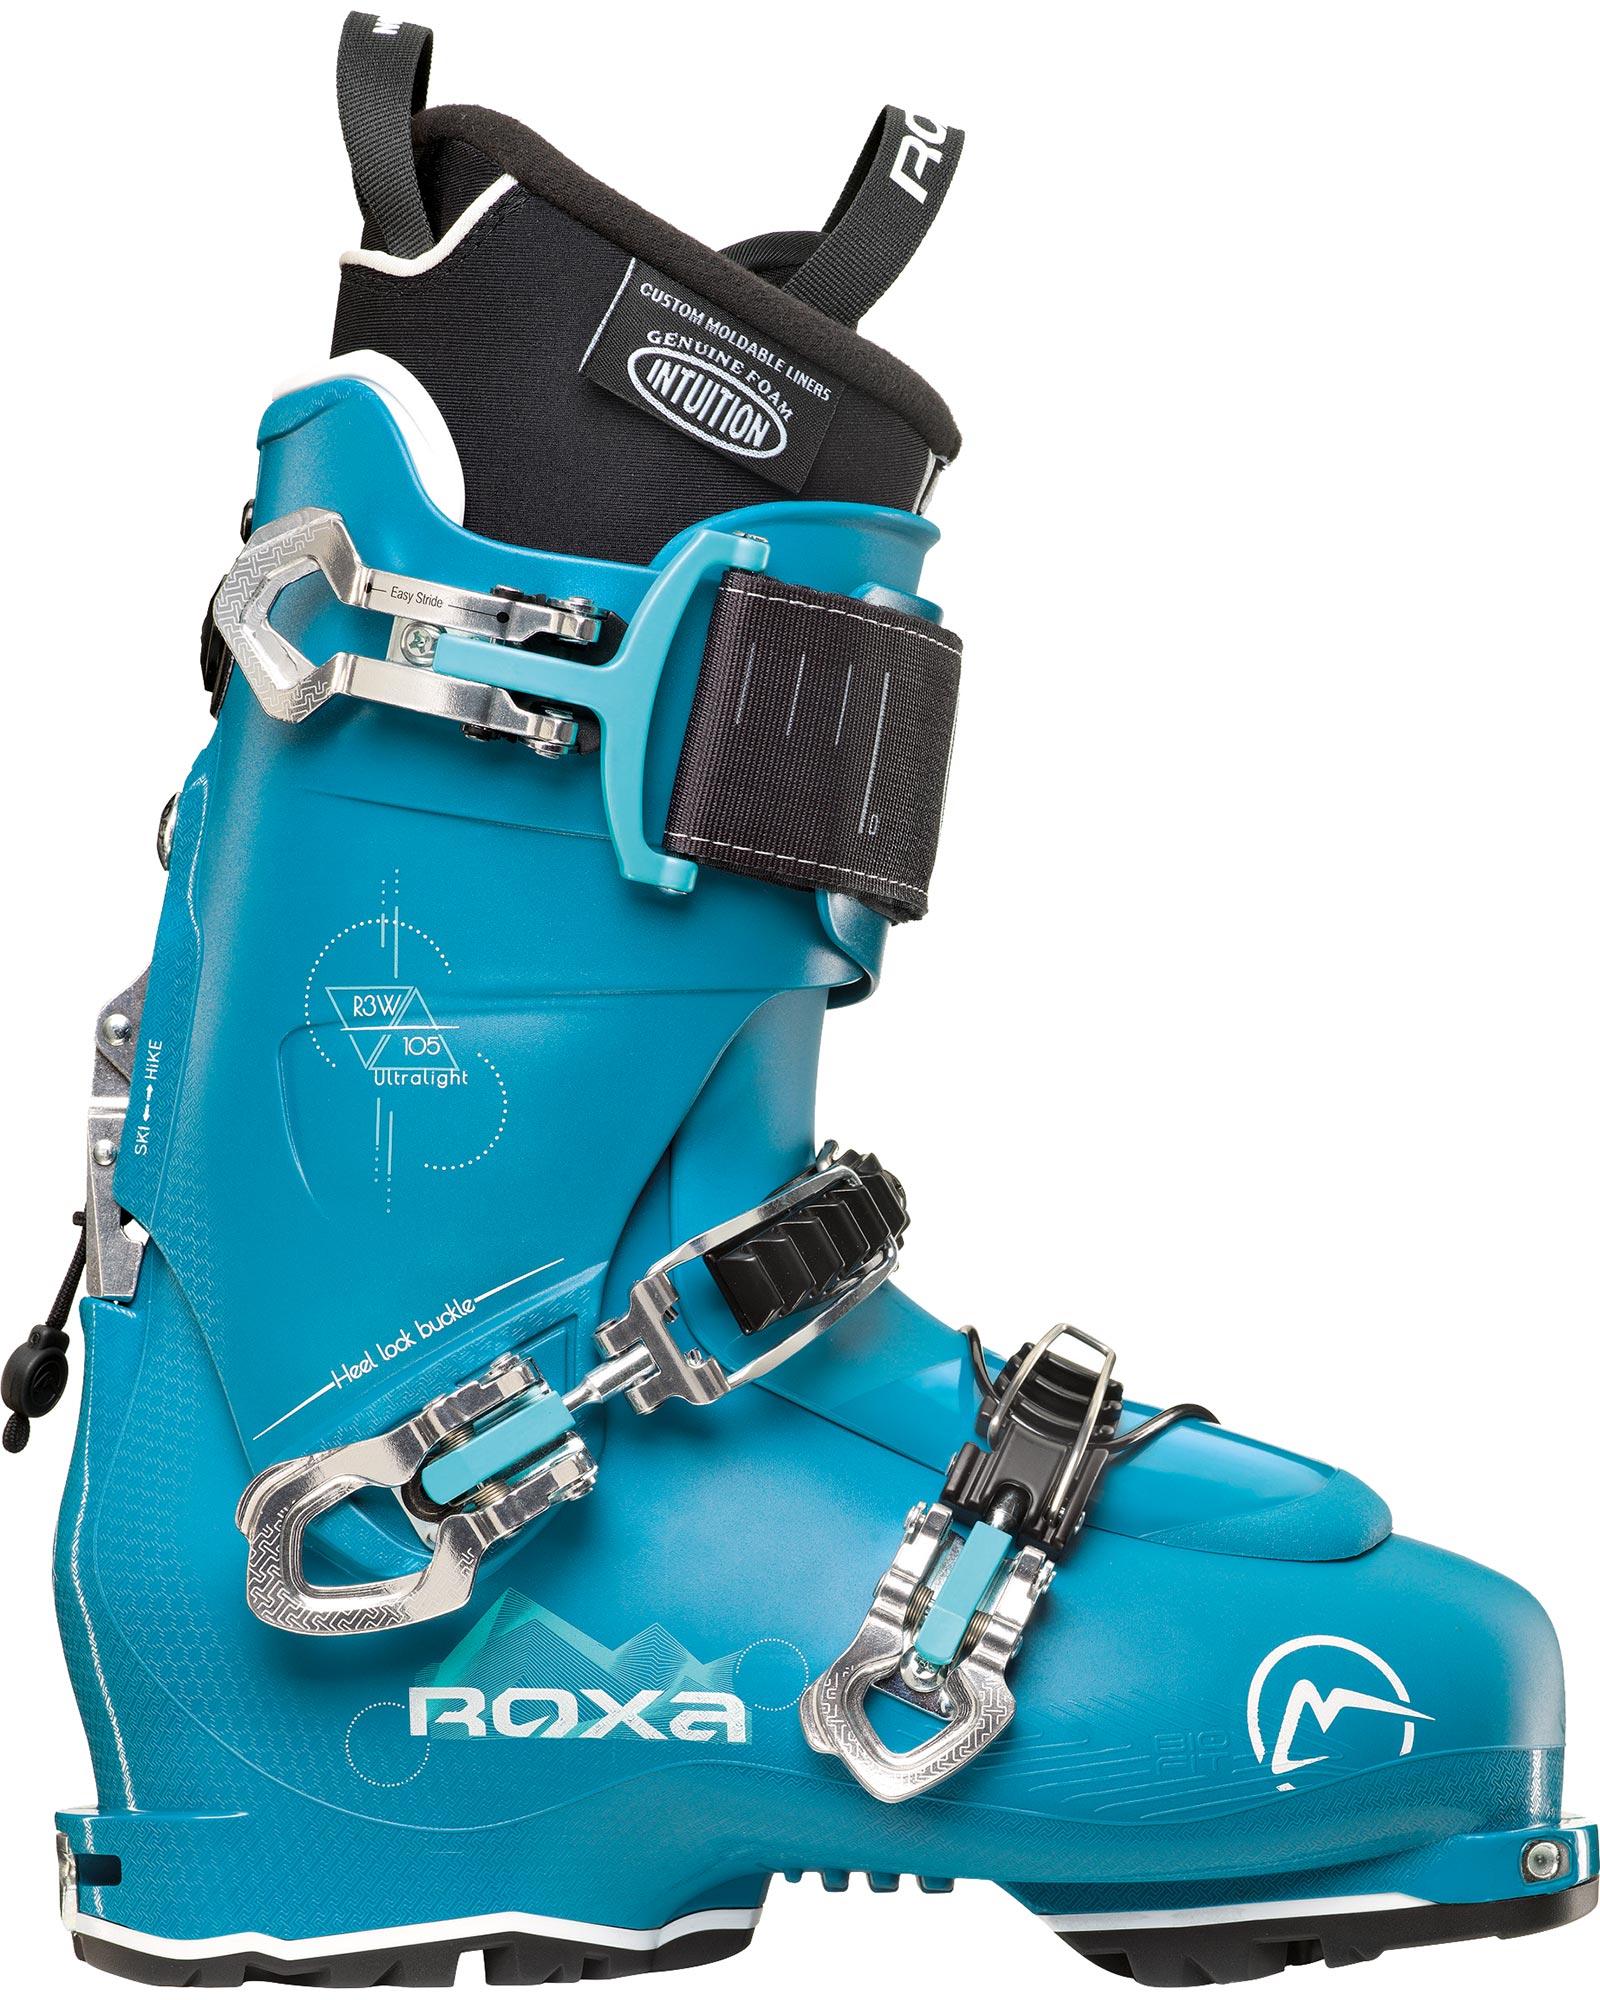 Roxa Women's R3W 105 T.I. I.R. GW Backcountry Ski Boots 2020 / 2021 0